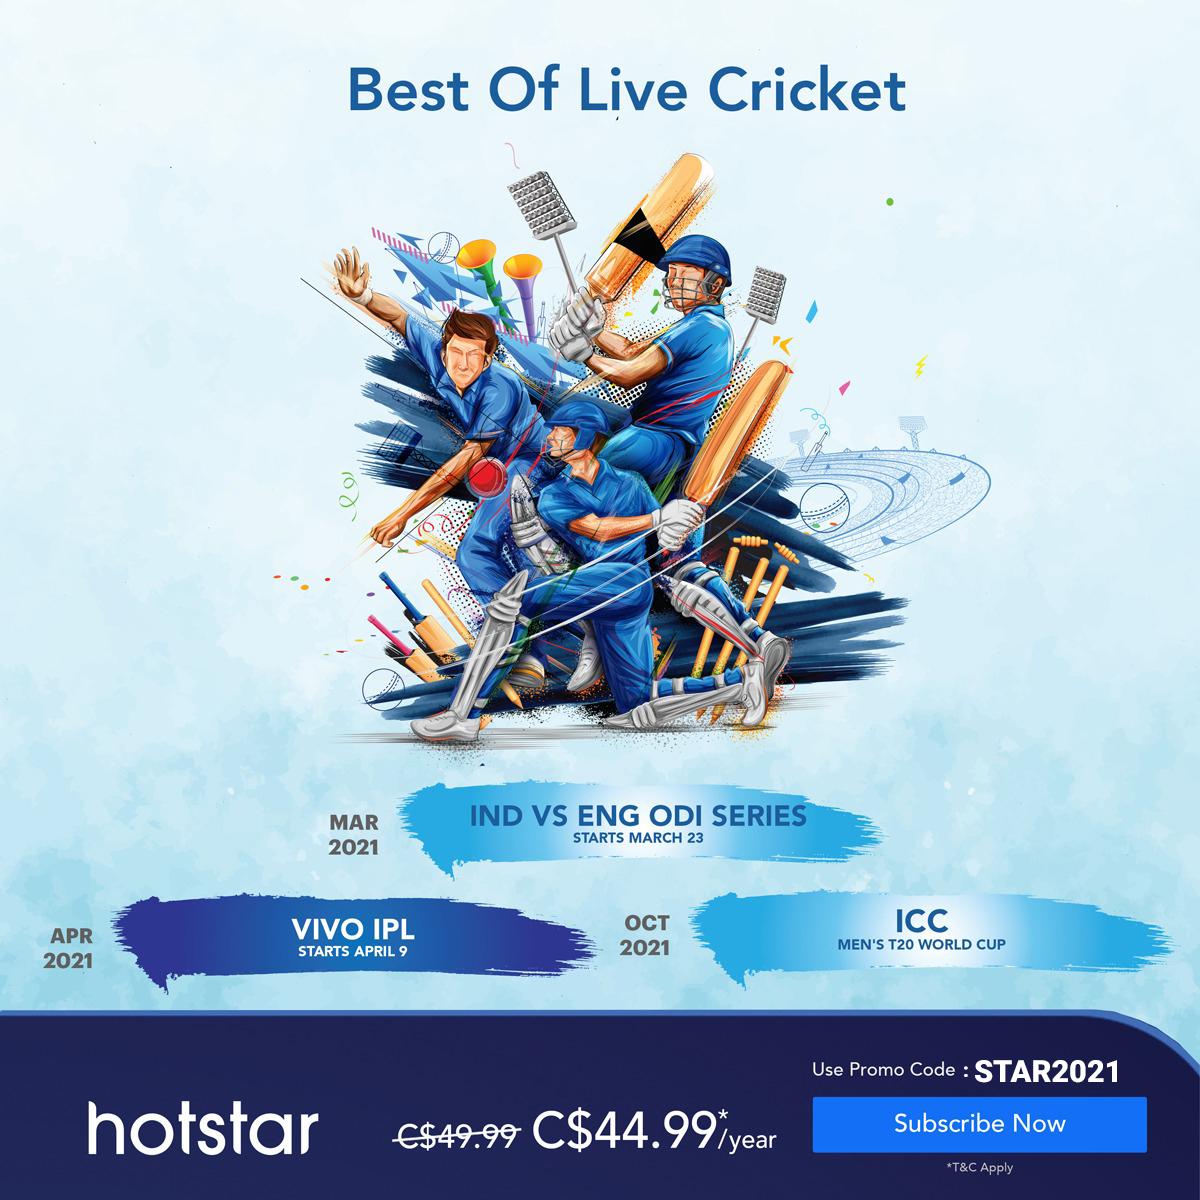 IPL 2021 on Hotstar USA   IPL 2021  IPL 2021 Teams  IPL 2021 Schedule